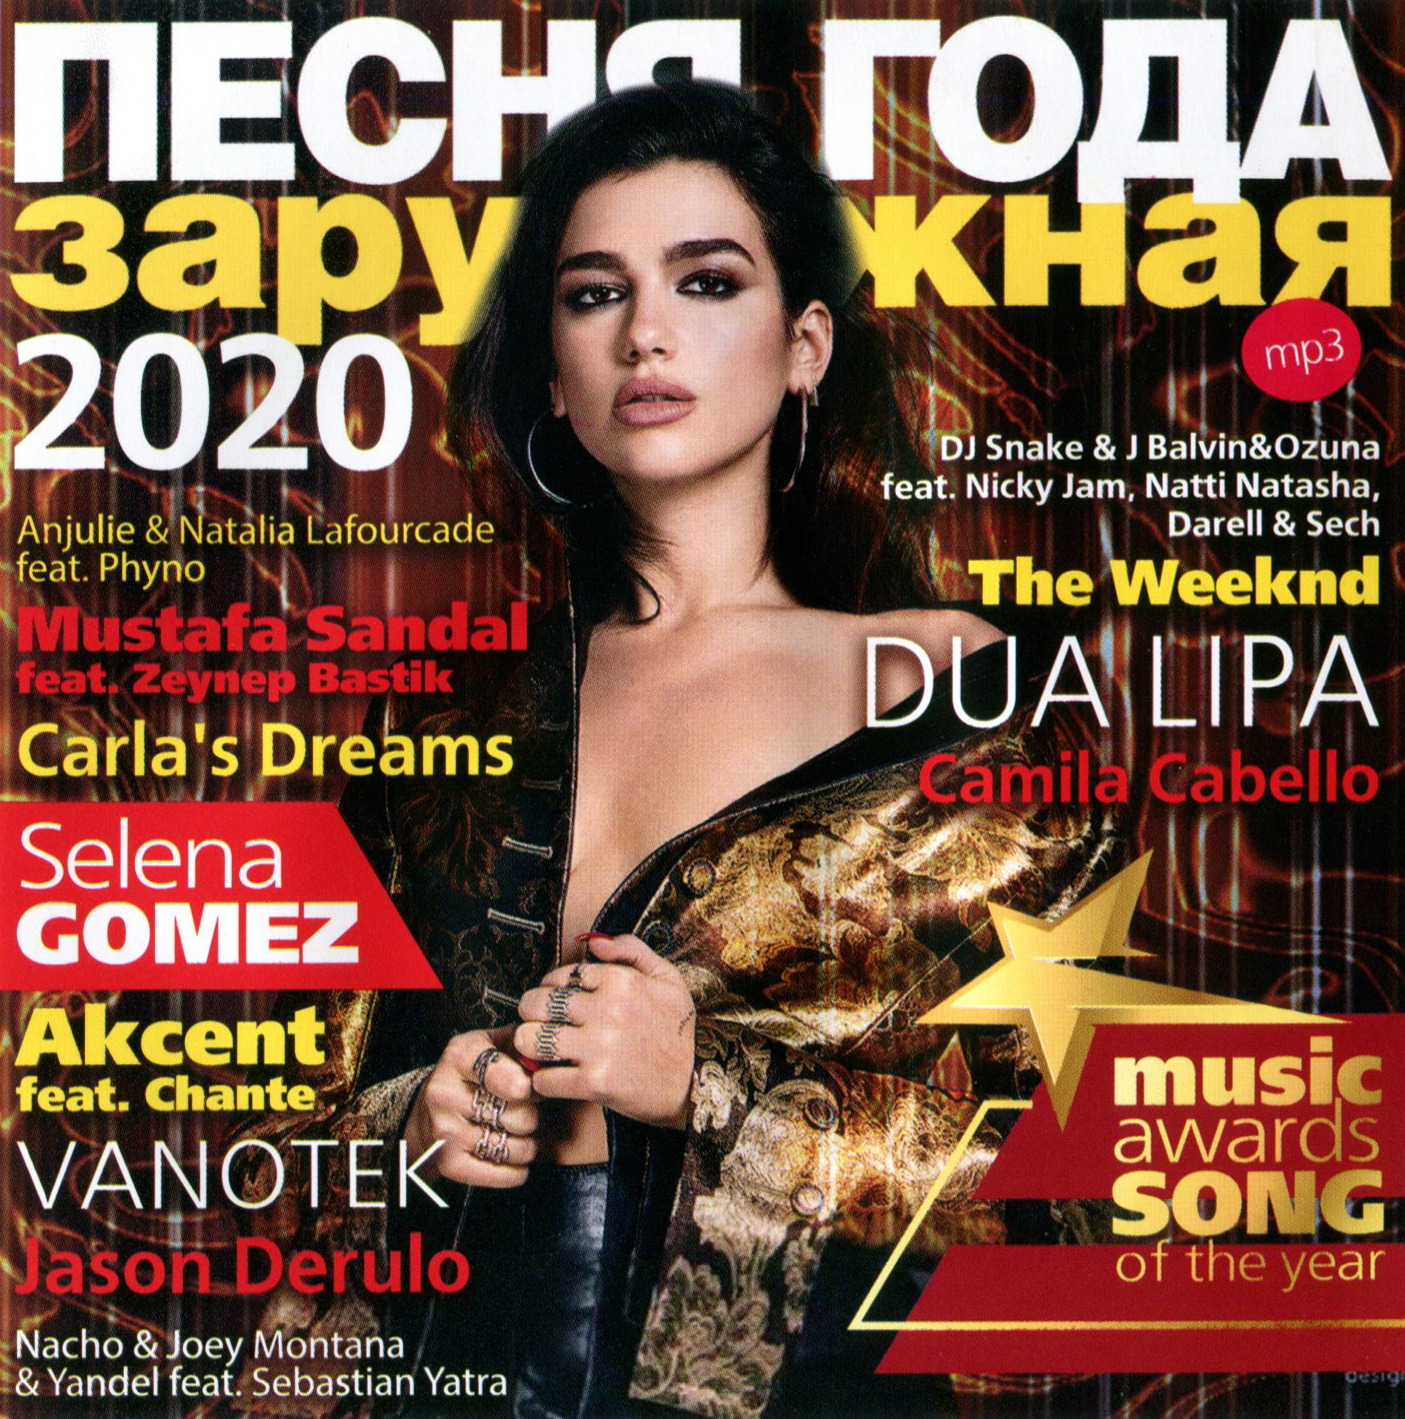 Песни прошлых лет 30 40 60 советской и зарубежной эстрады сборник ... | 1419x1405